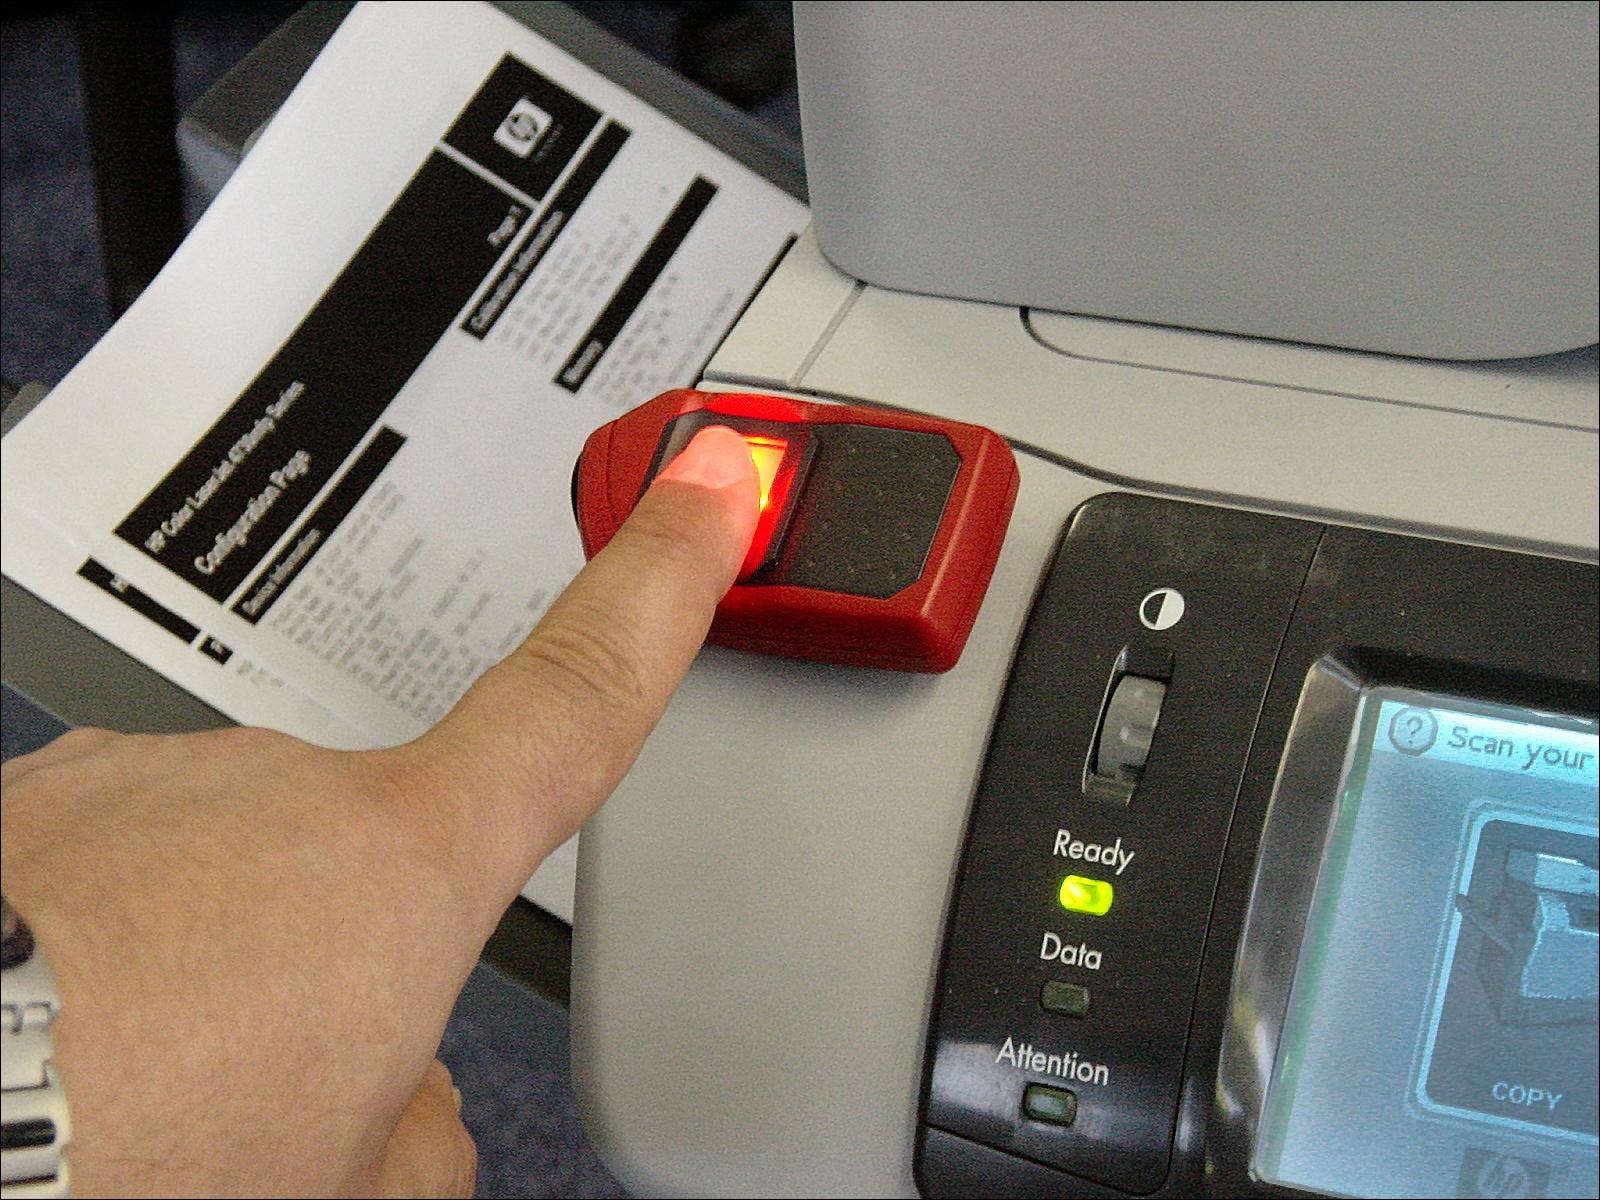 Принтер — находка для шпиона. Как сделать печать в компании безопасным и экономичным процессом - 9